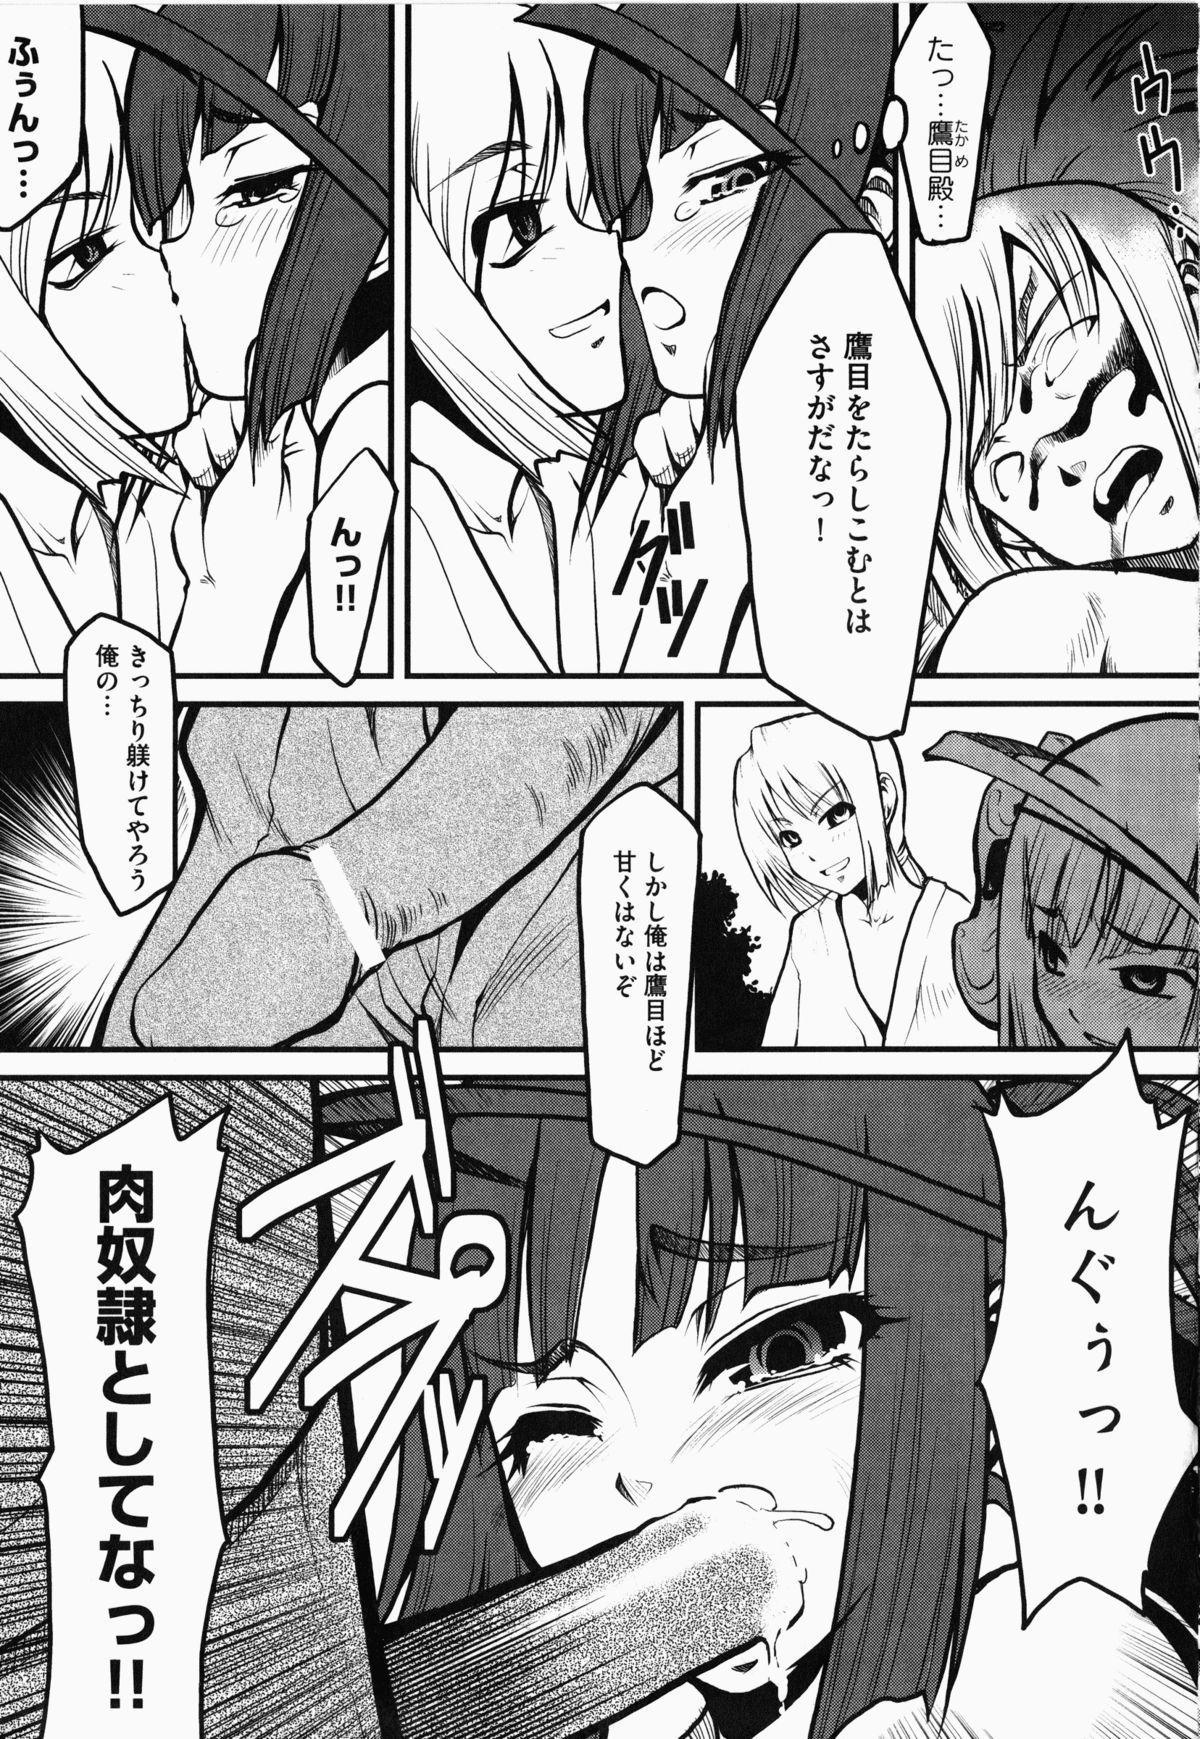 Nukenin - Hokaku, Soshite Choukyou e... 105